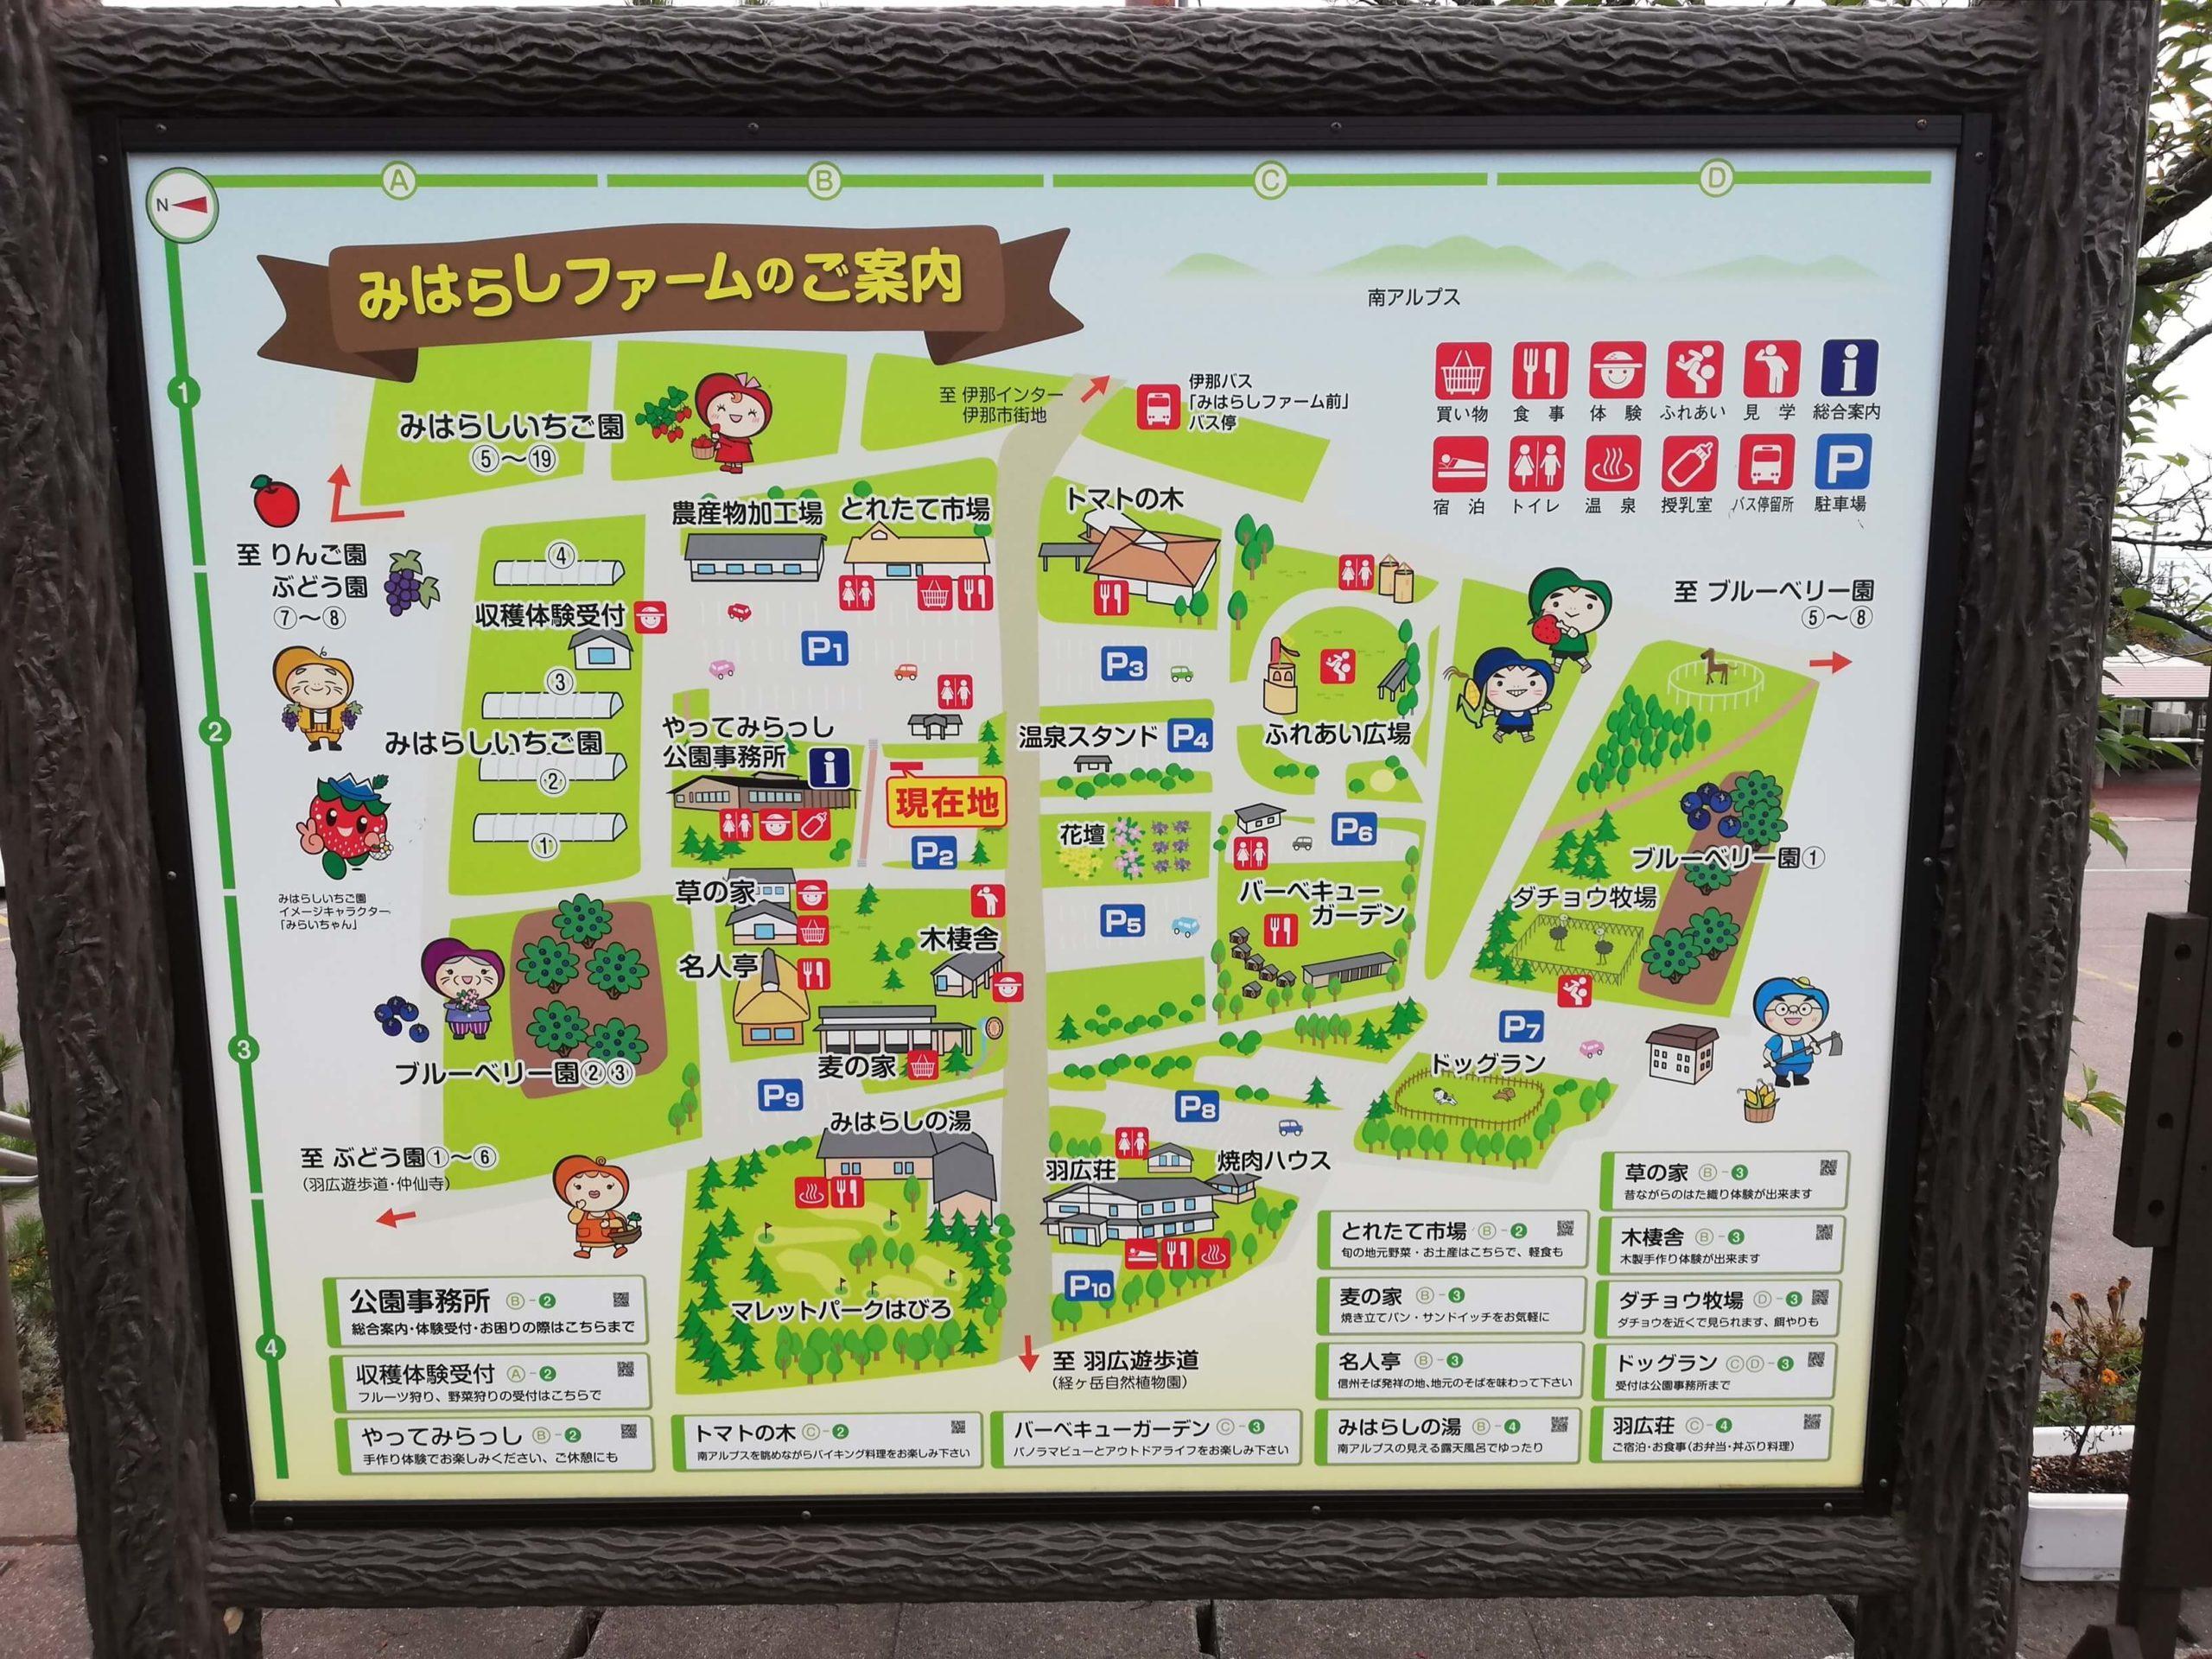 ペットとお出かけ 長野県伊那市 みはらしファーム エリアマップ